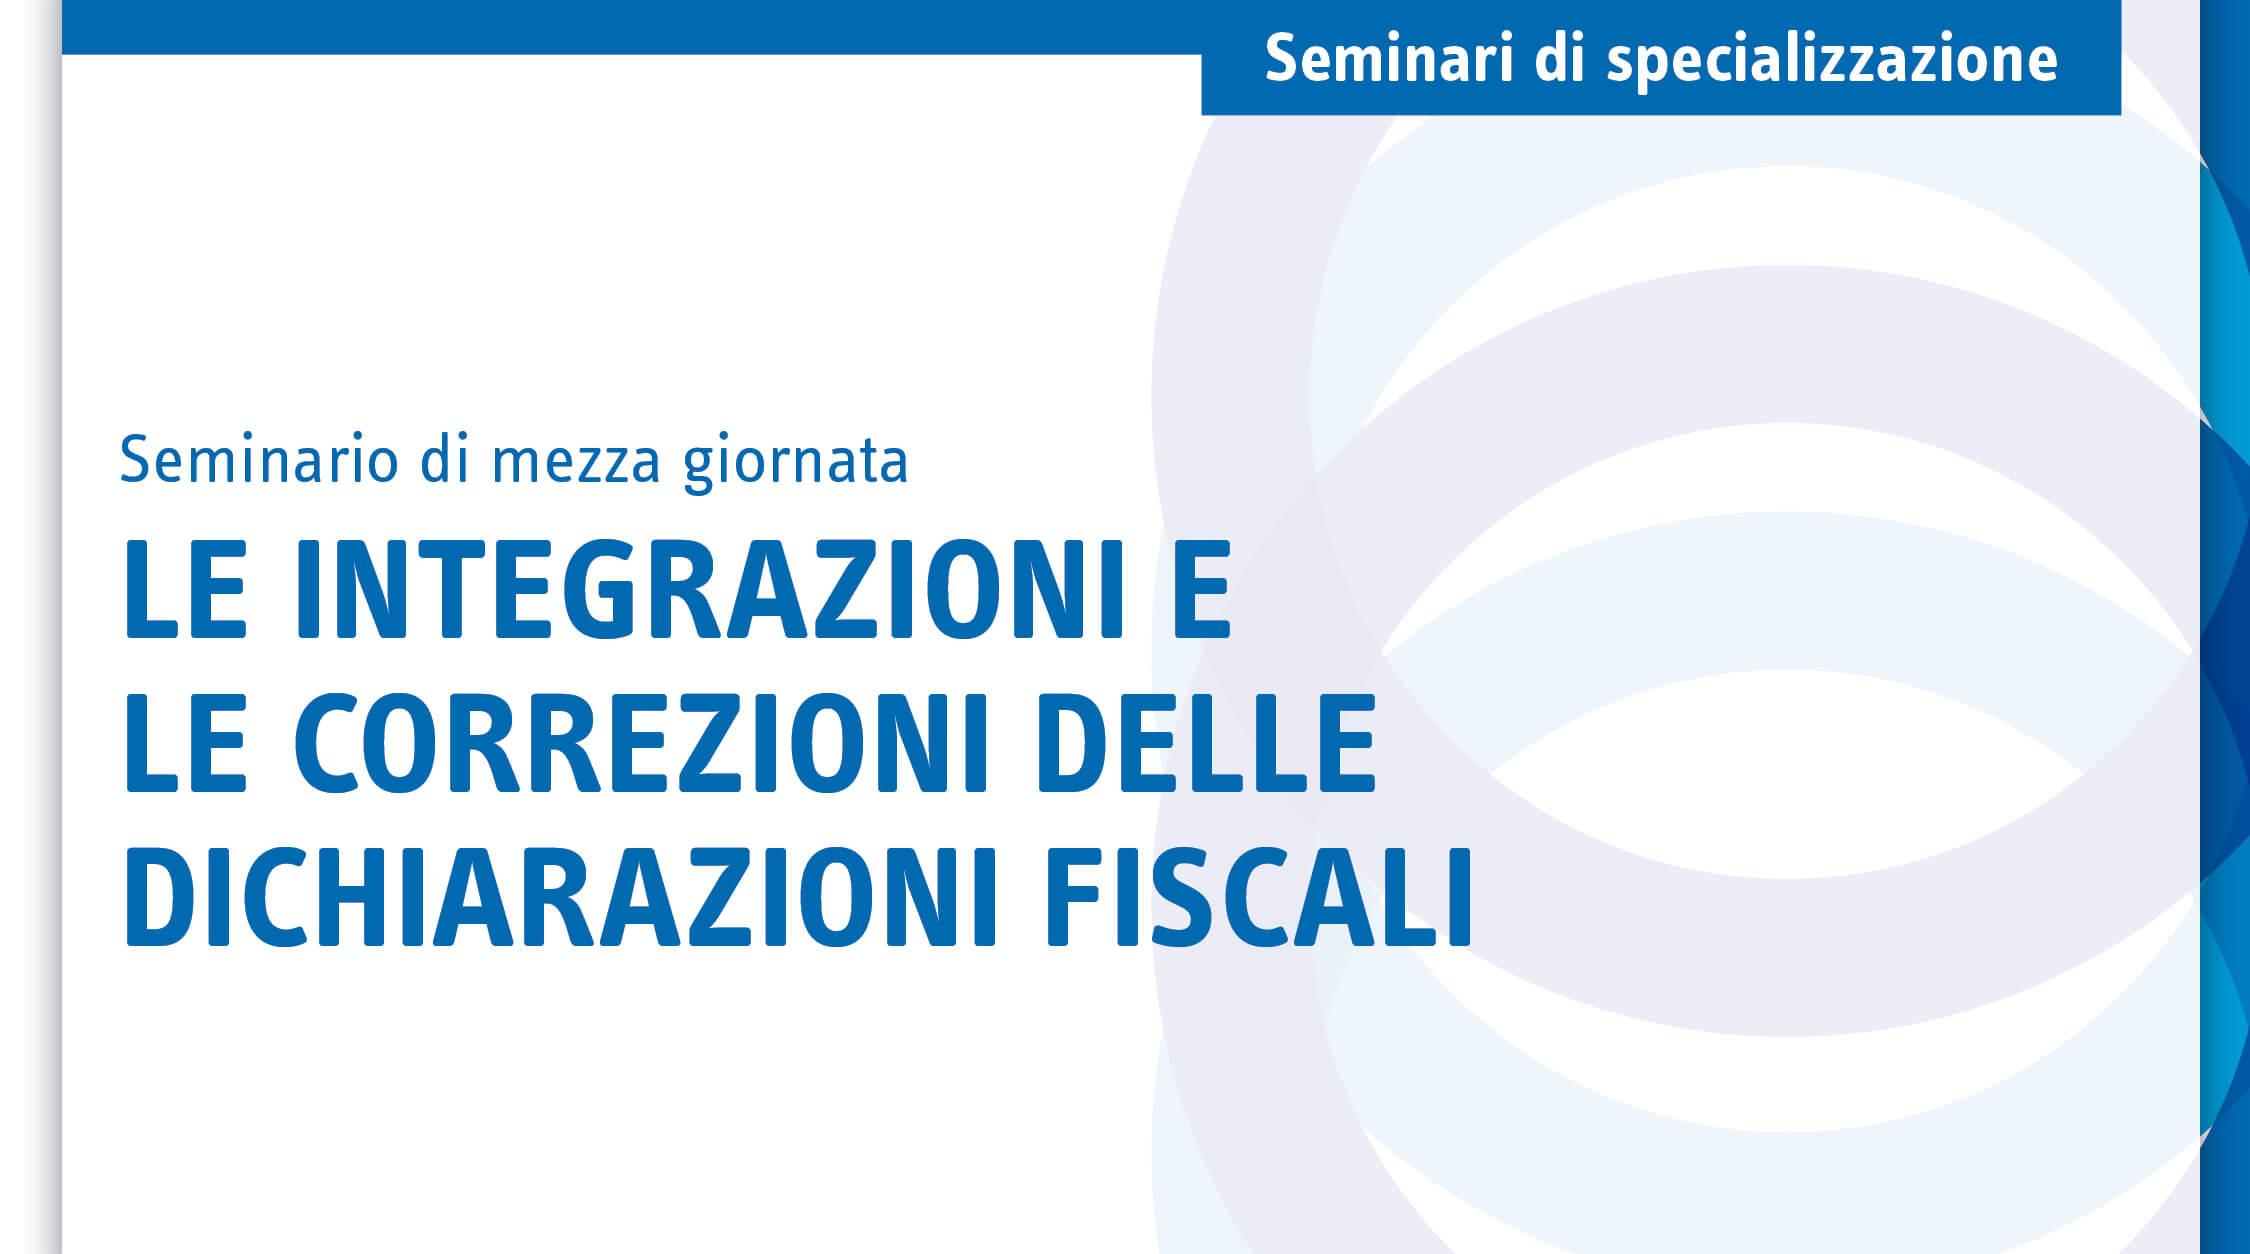 Le integrazioni e le correzioni delle dichiarazioni fiscali